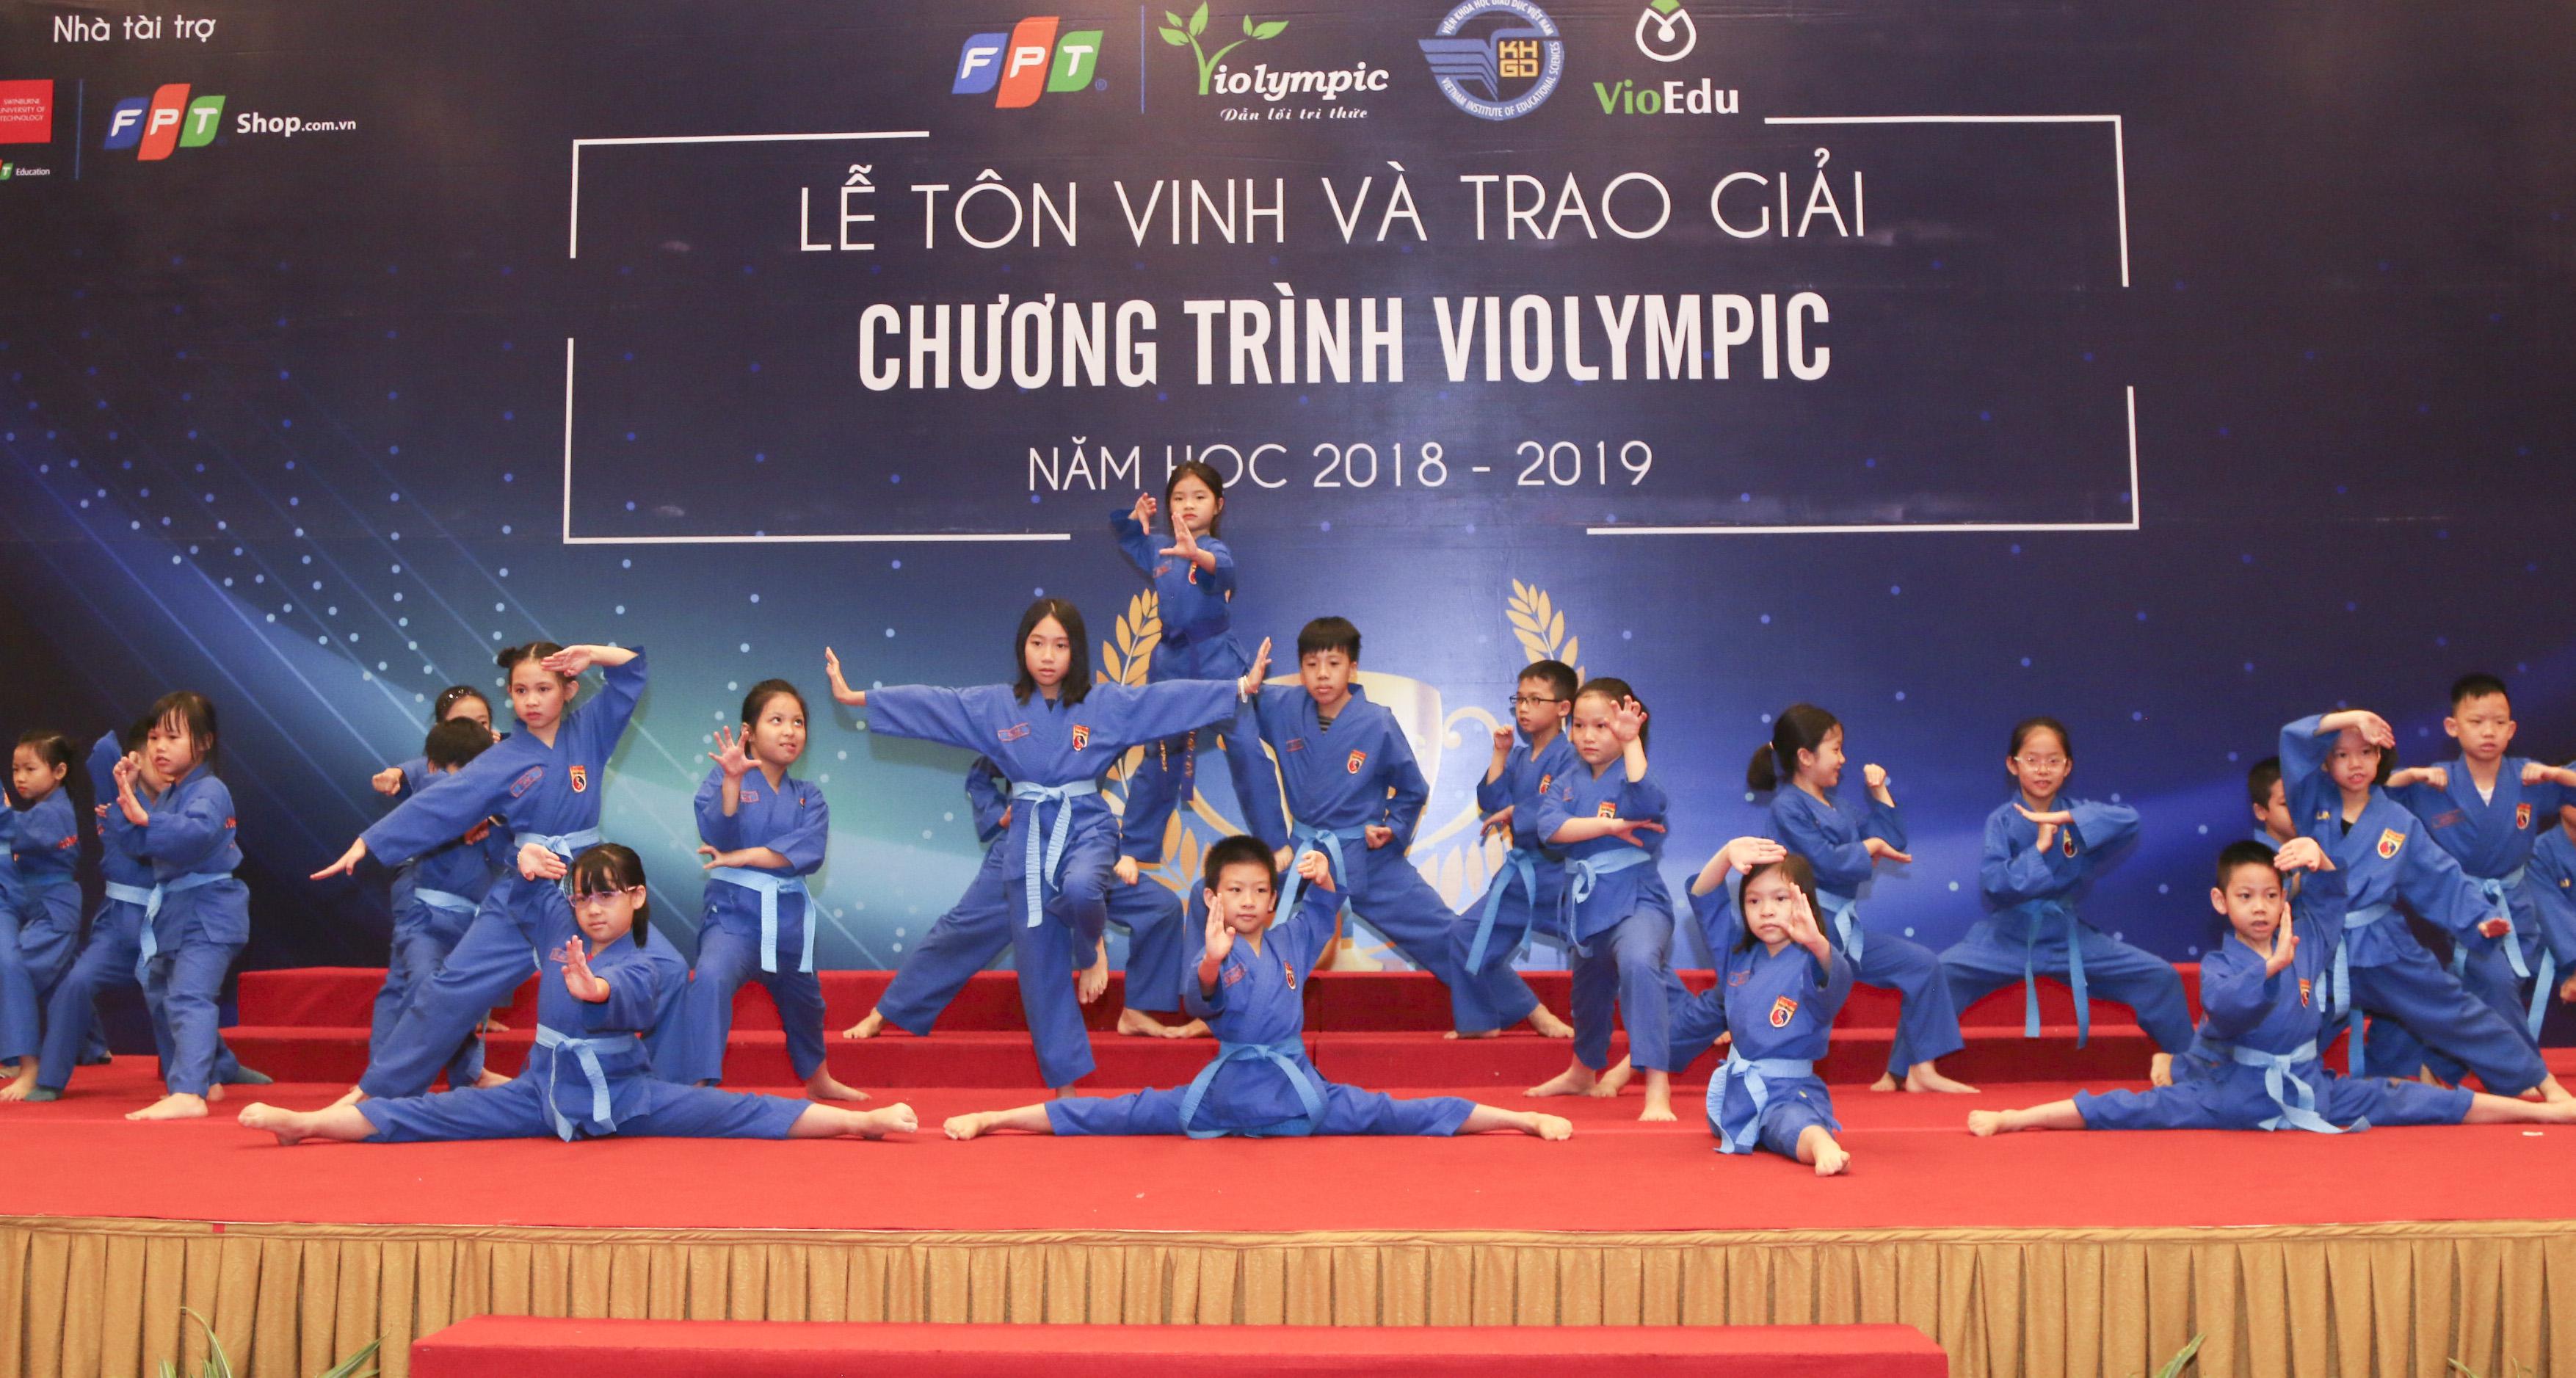 Màn biểu diễn võ thuật Vovinam đến từ các học sinh trường Tiểu học và THCS FPT Cầu Giấy mở đầu chương trình.